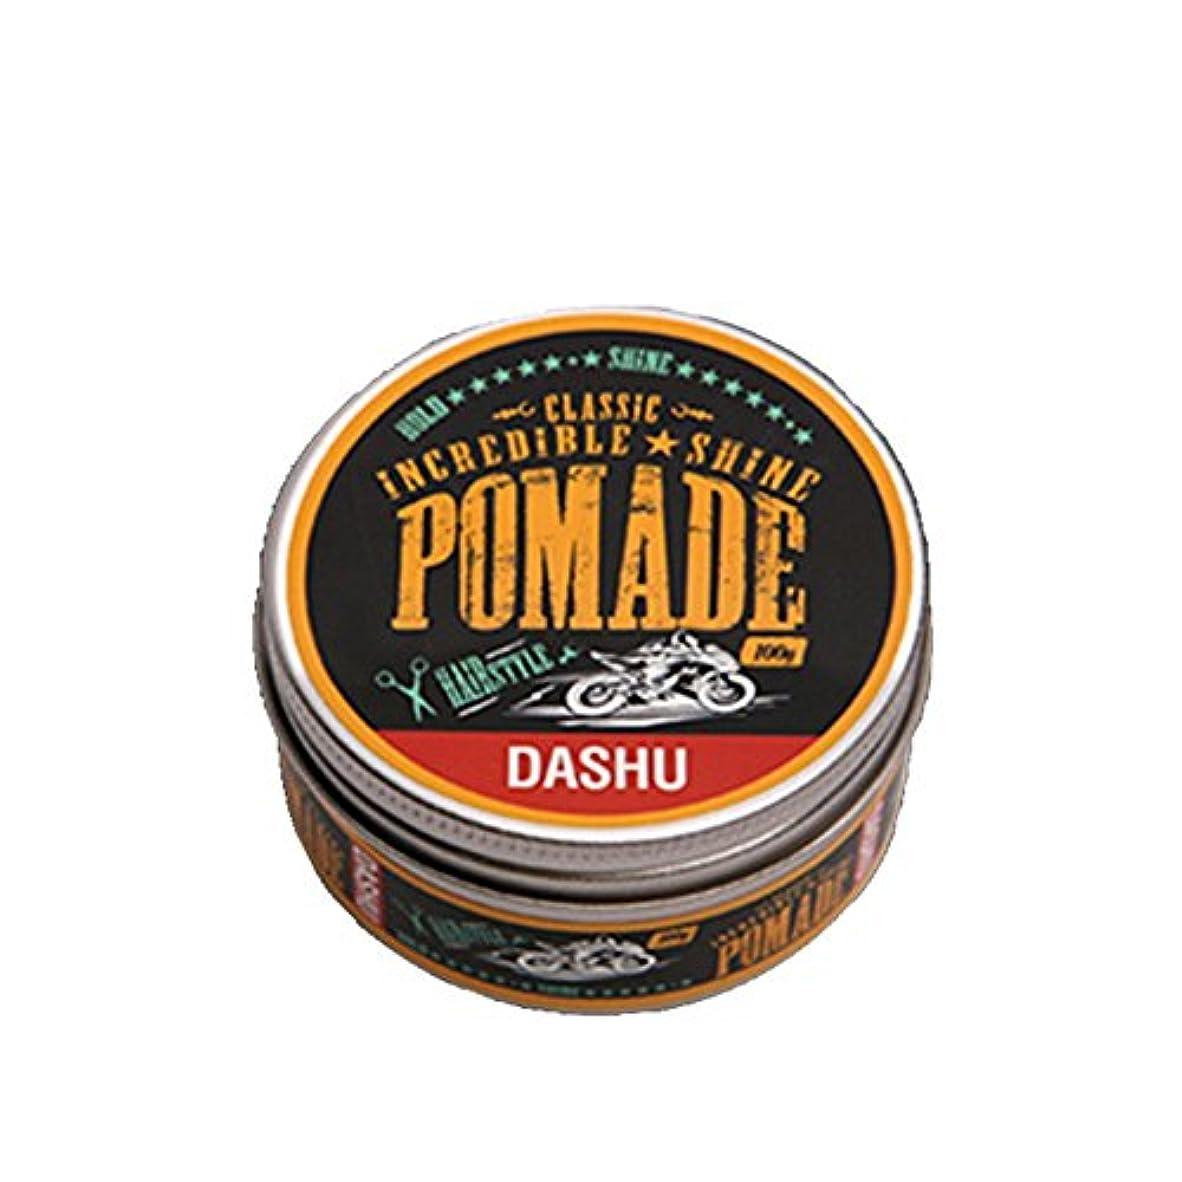 コスト誘導迷彩[DASHU] ダシュ クラシック 信じられないほどの輝き ポマードワックス Classic Incredible Shine Pomade Hair Wax 100ml / 韓国製 . 韓国直送品